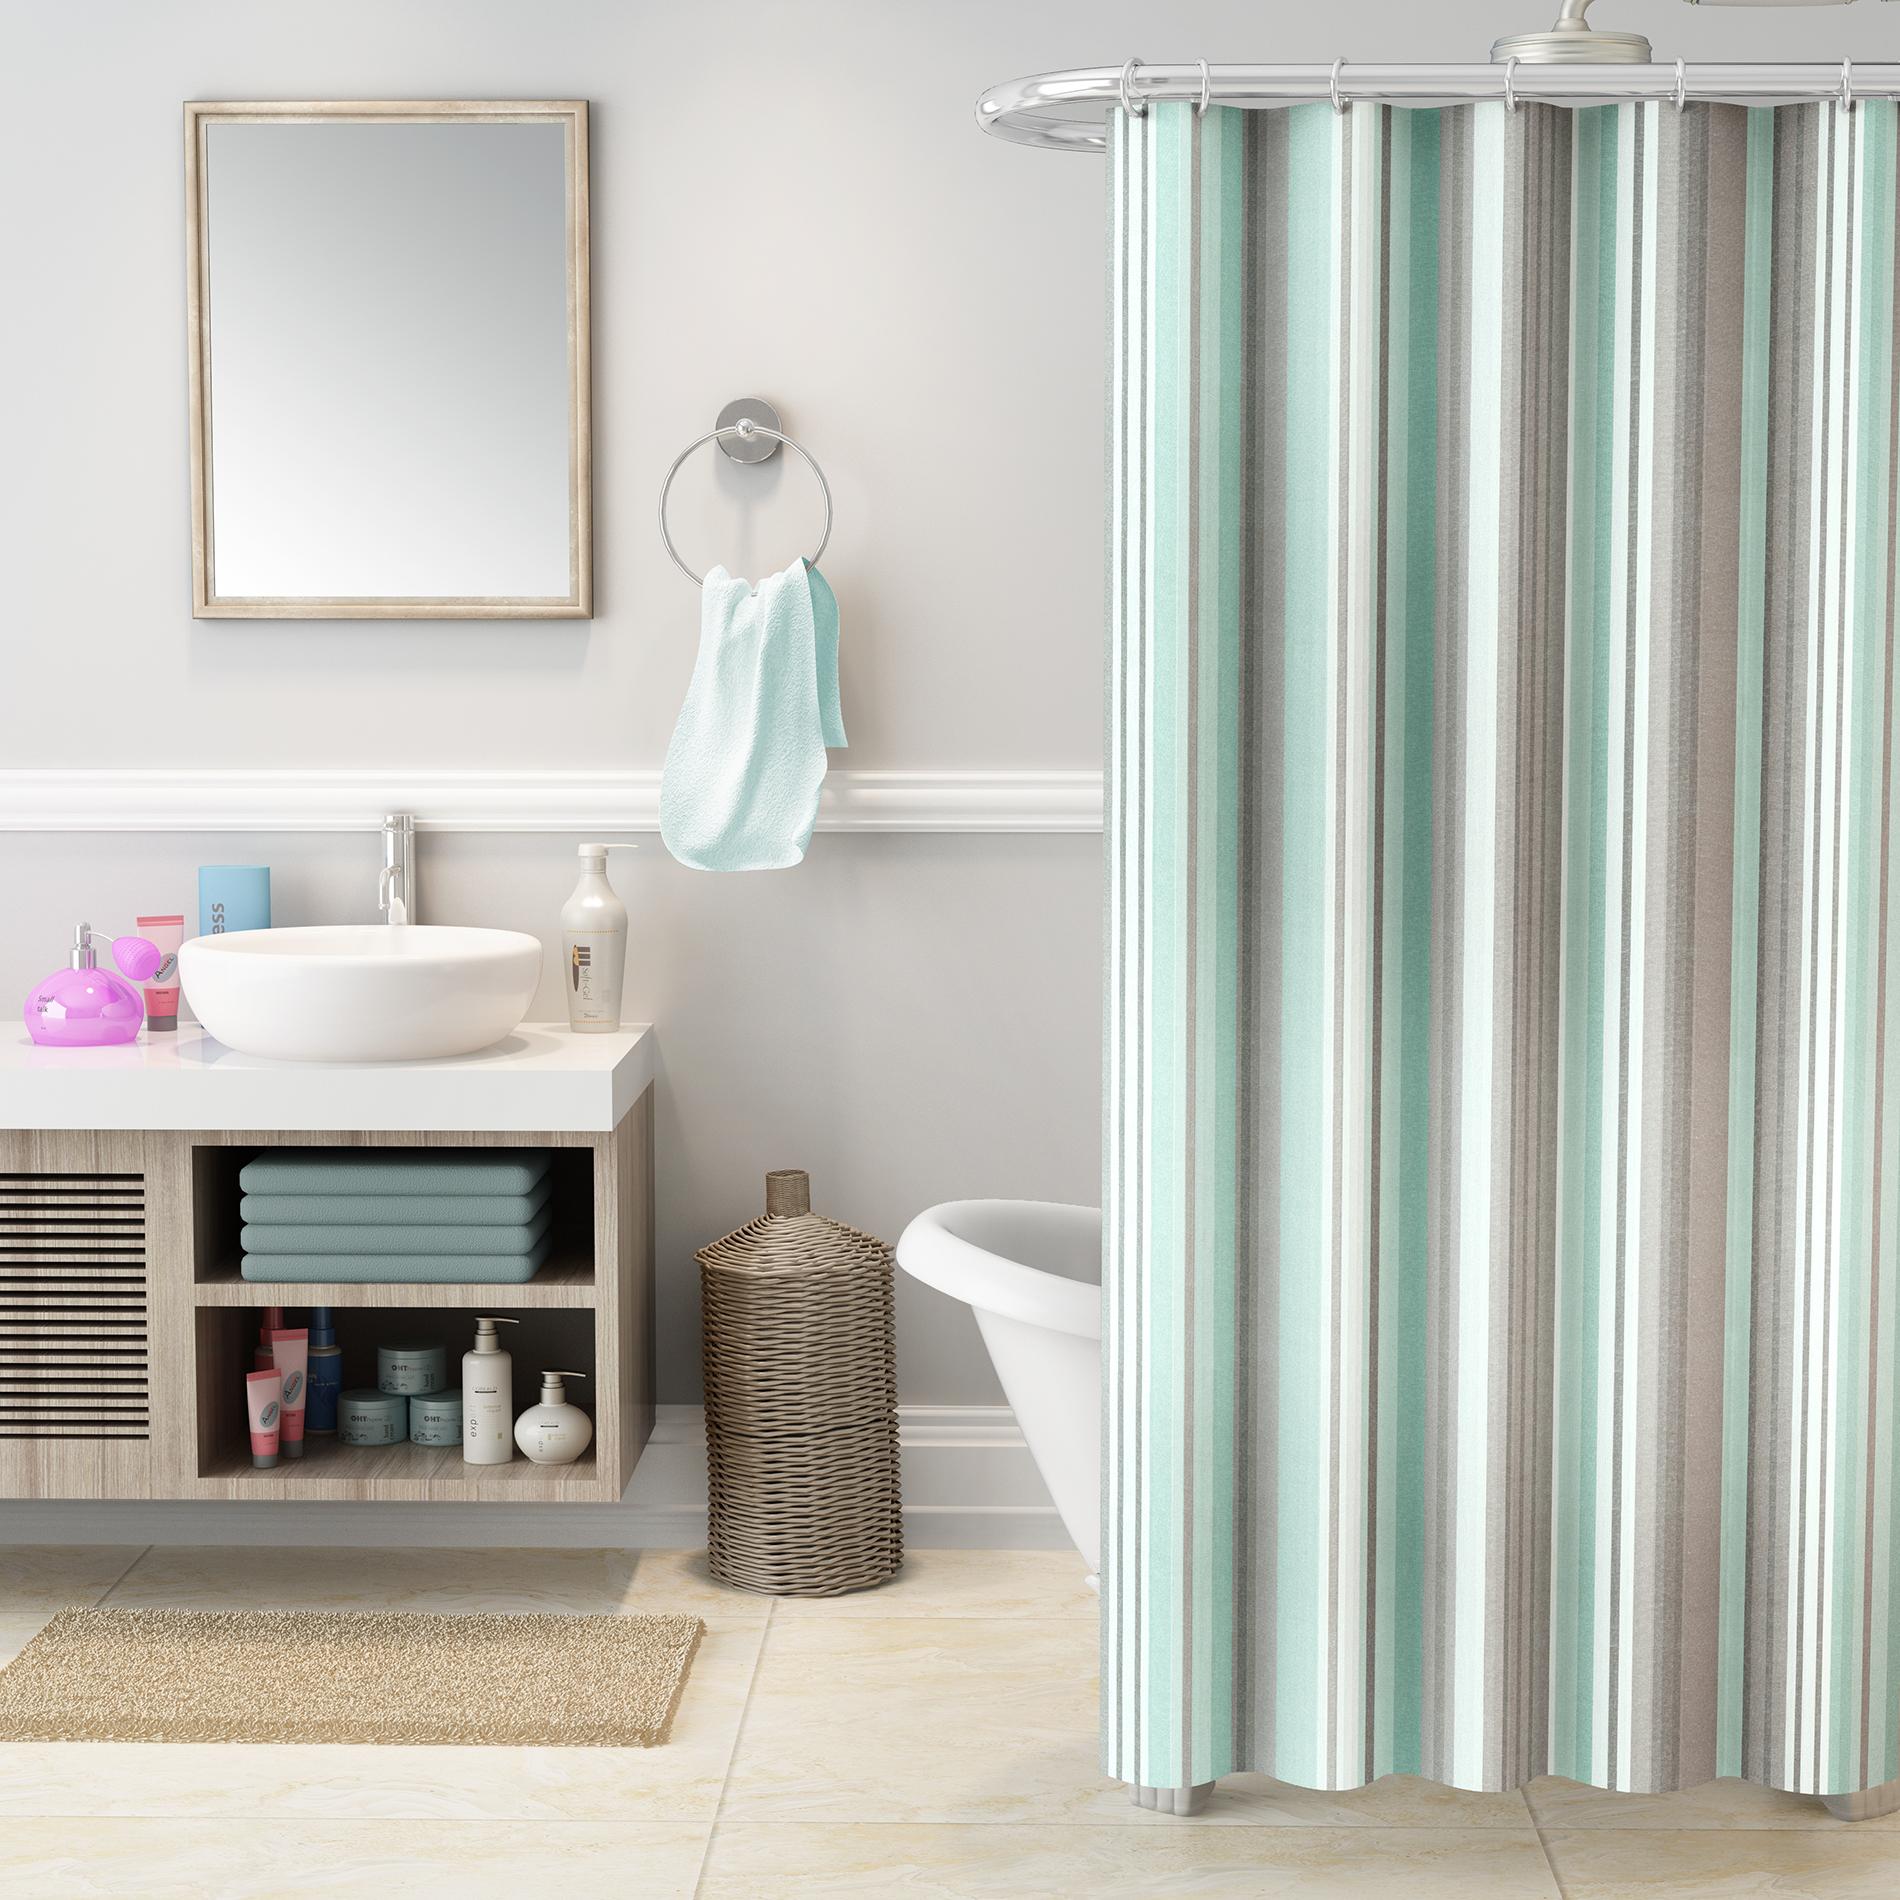 Cannon Striped Shower Curtain Multicolor